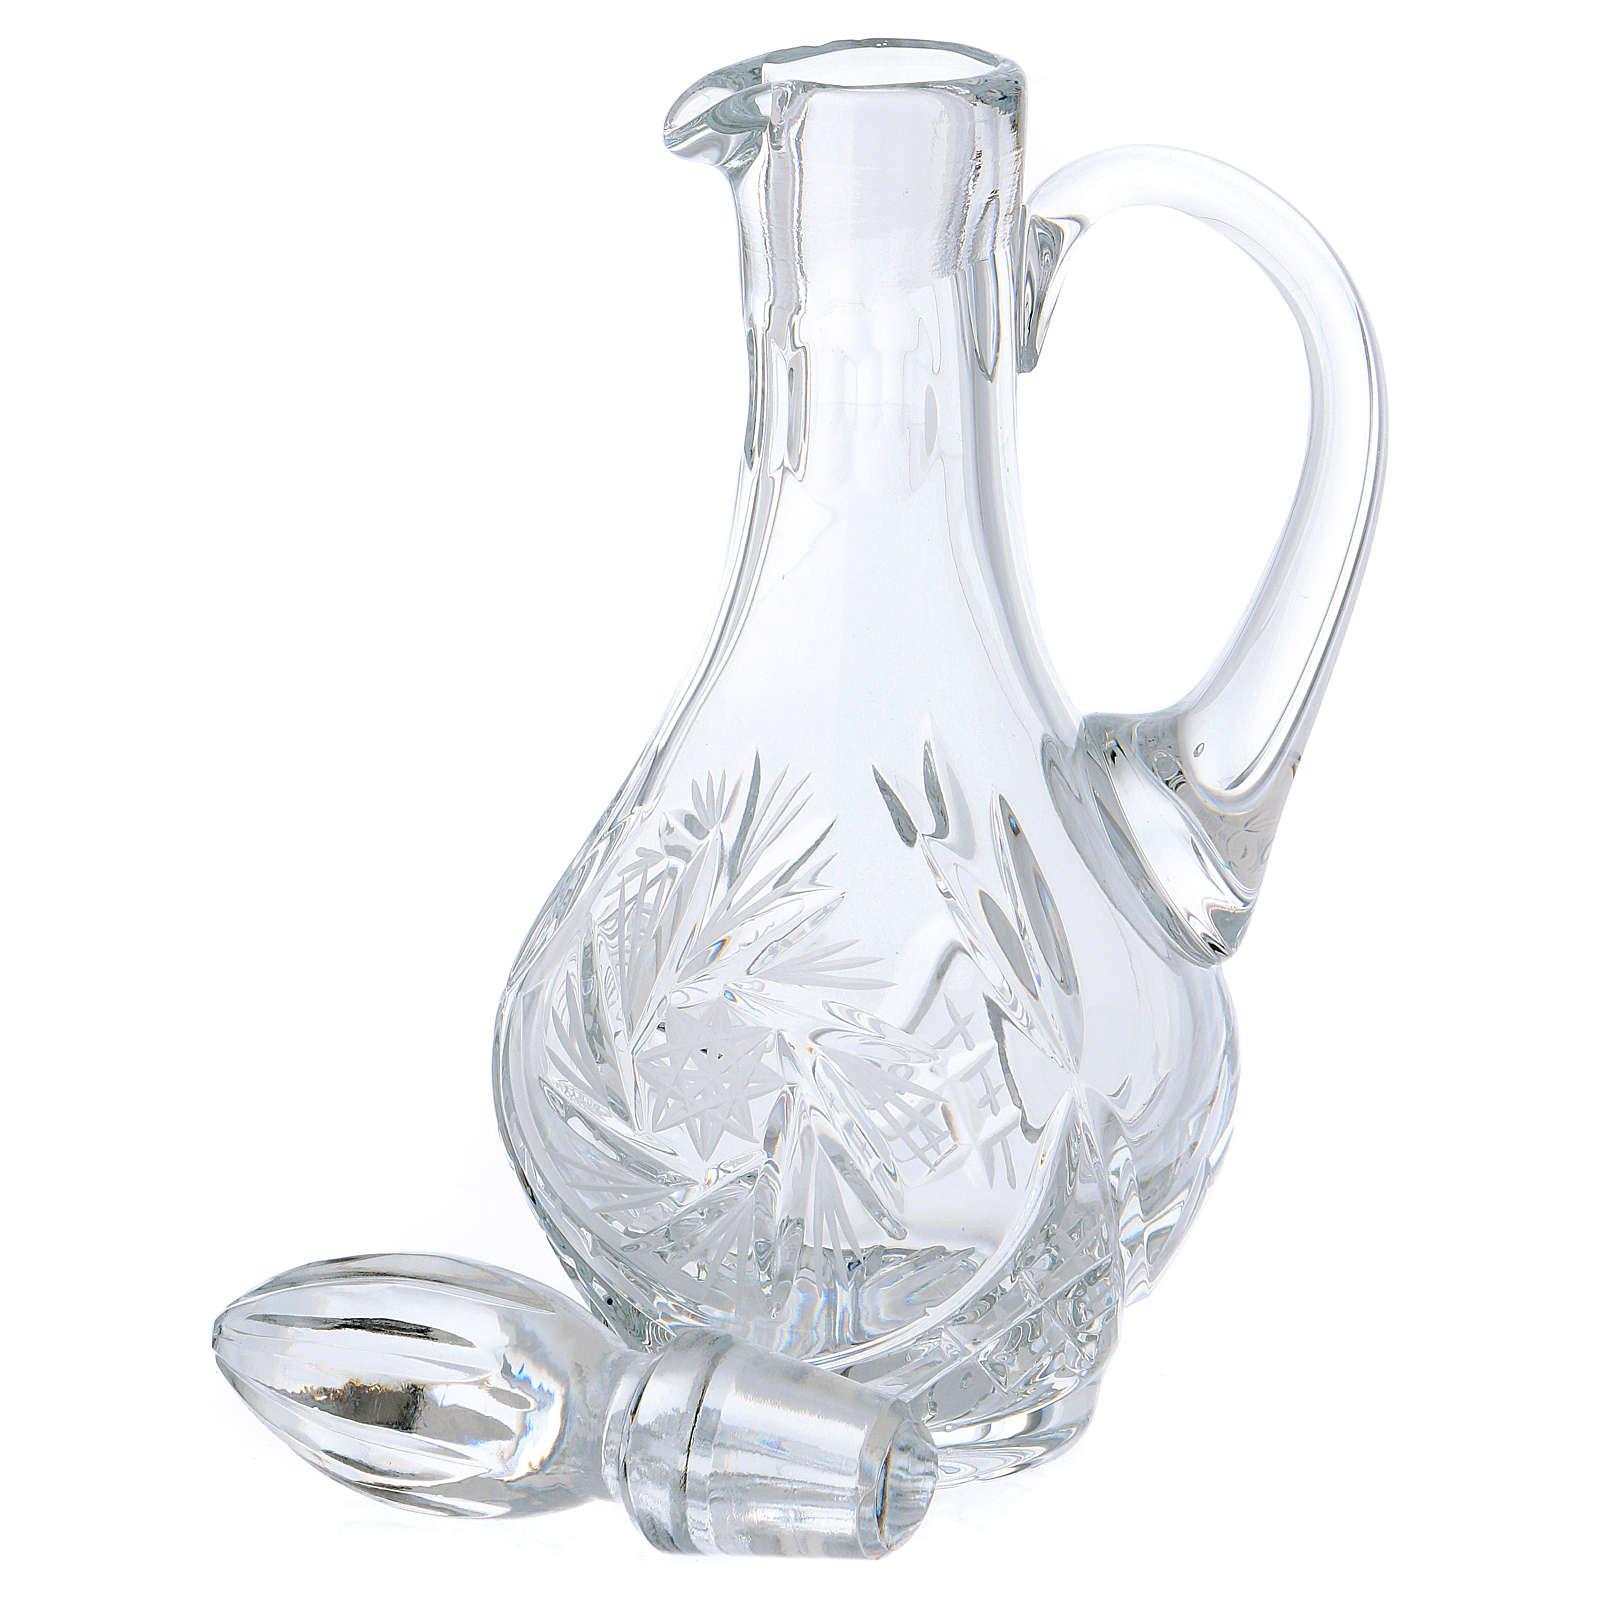 Servicio vinajeras de cristal 4